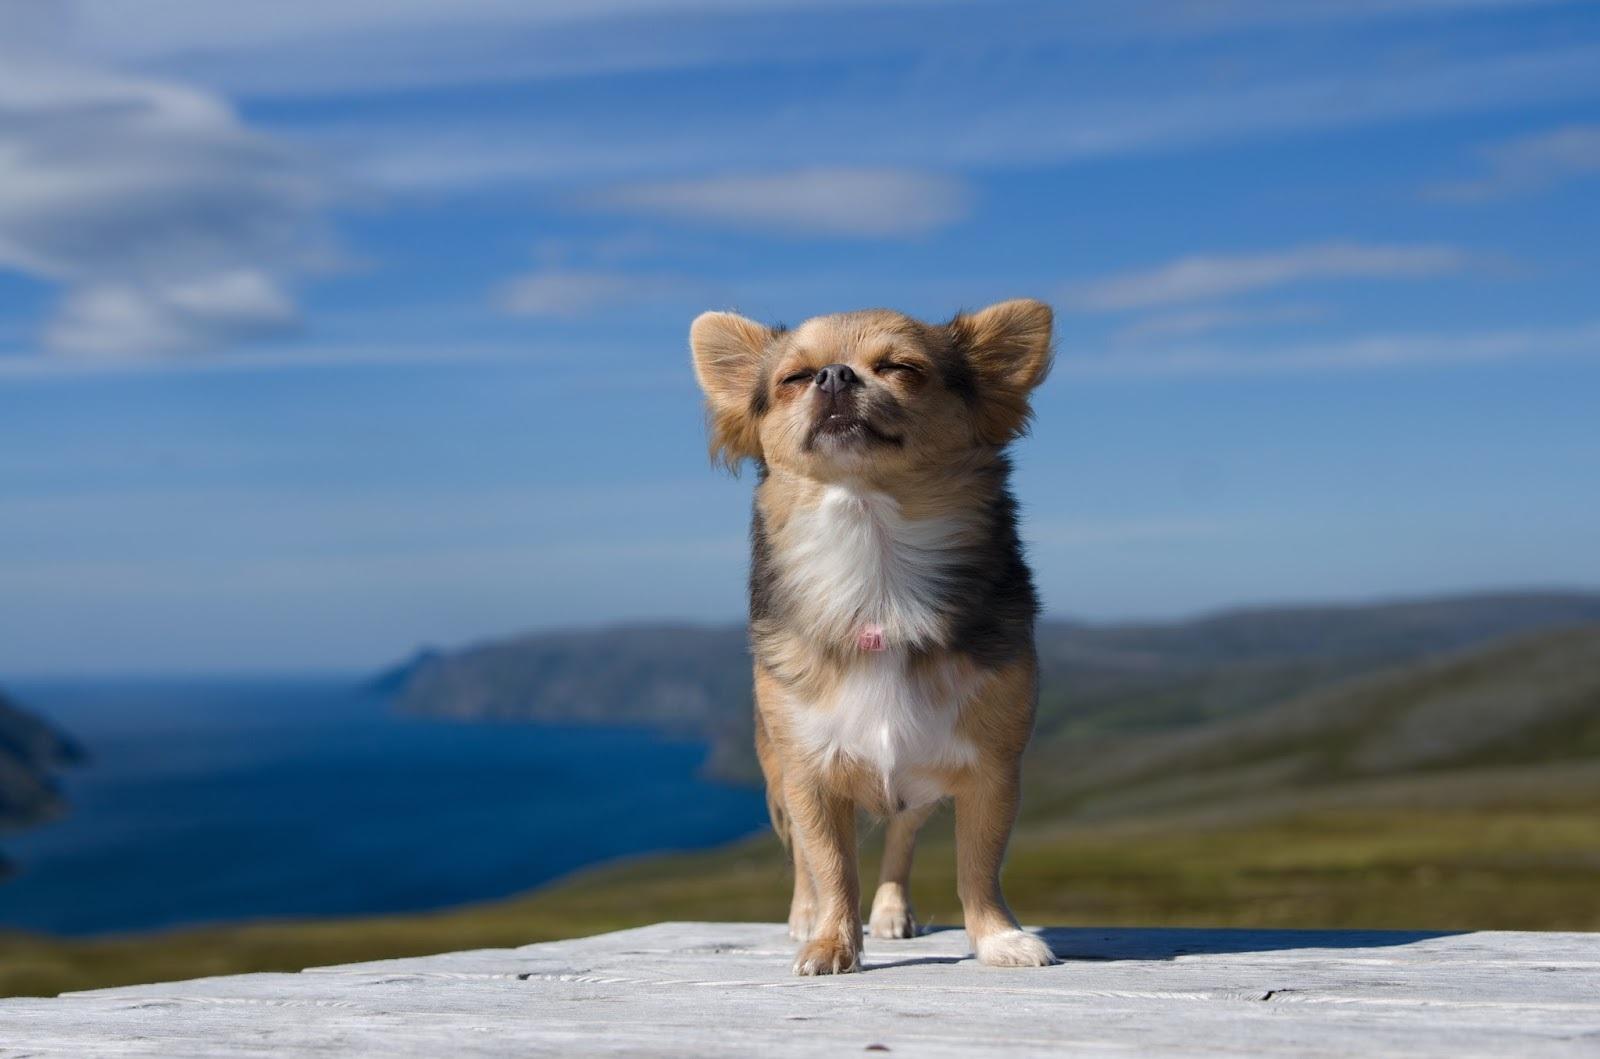 Смотреть Маленькие породы собак – удивительные милые создания видео